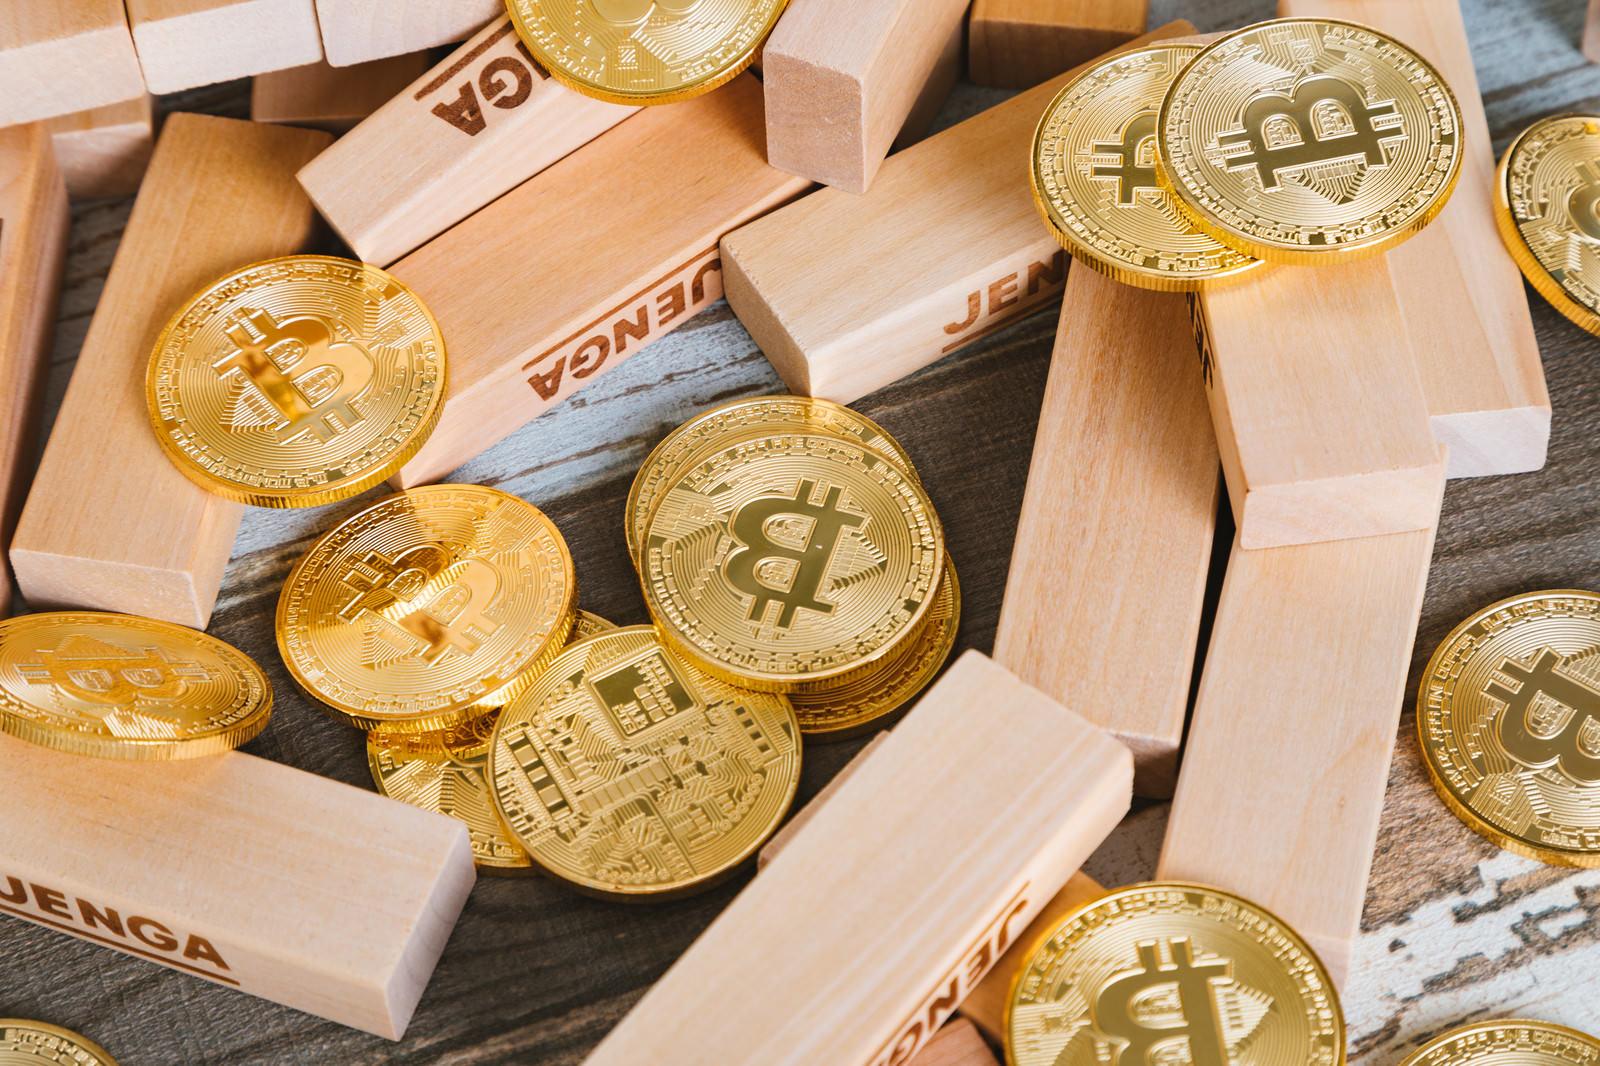 JengabitcoinIMGL1743 TP V bitcoin drops google prohibits